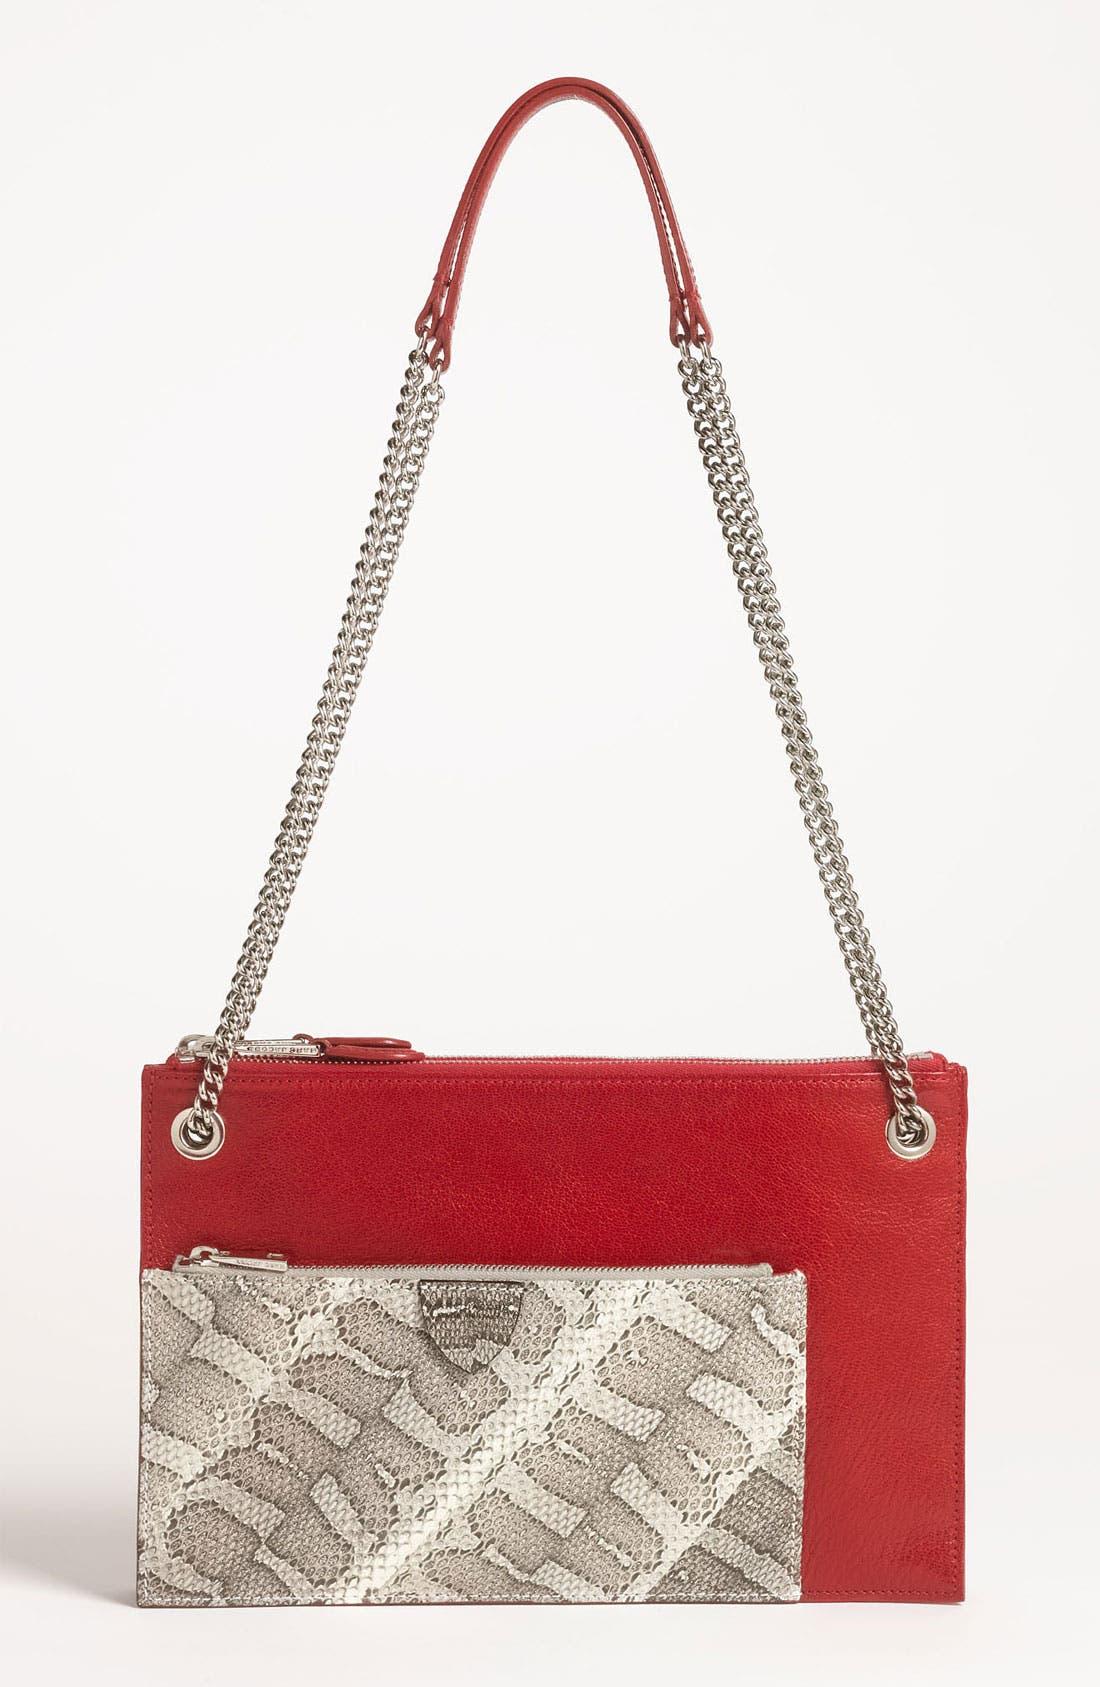 Alternate Image 1 Selected - MARC JACOBS 'Doll' Leather Shoulder Bag